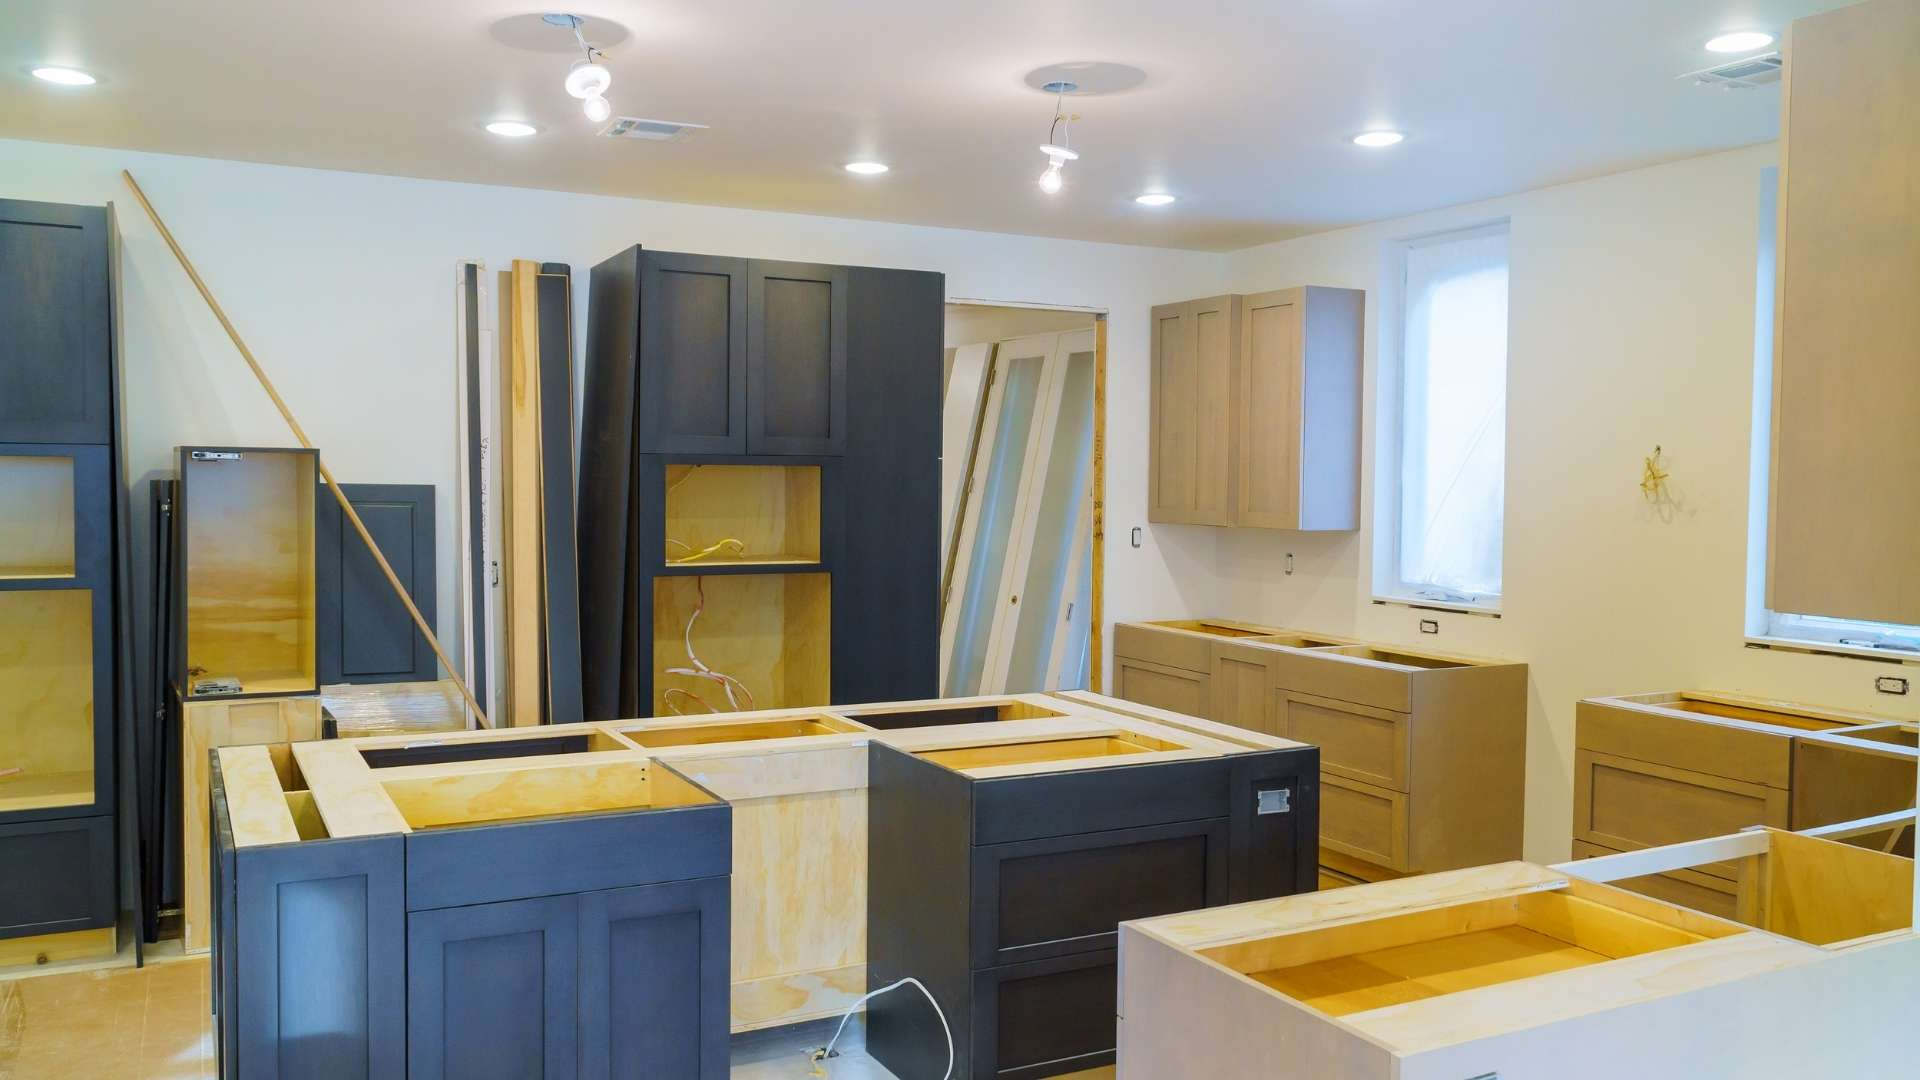 Küchenrenovierung ohne Abriss und zu geringen Kosten